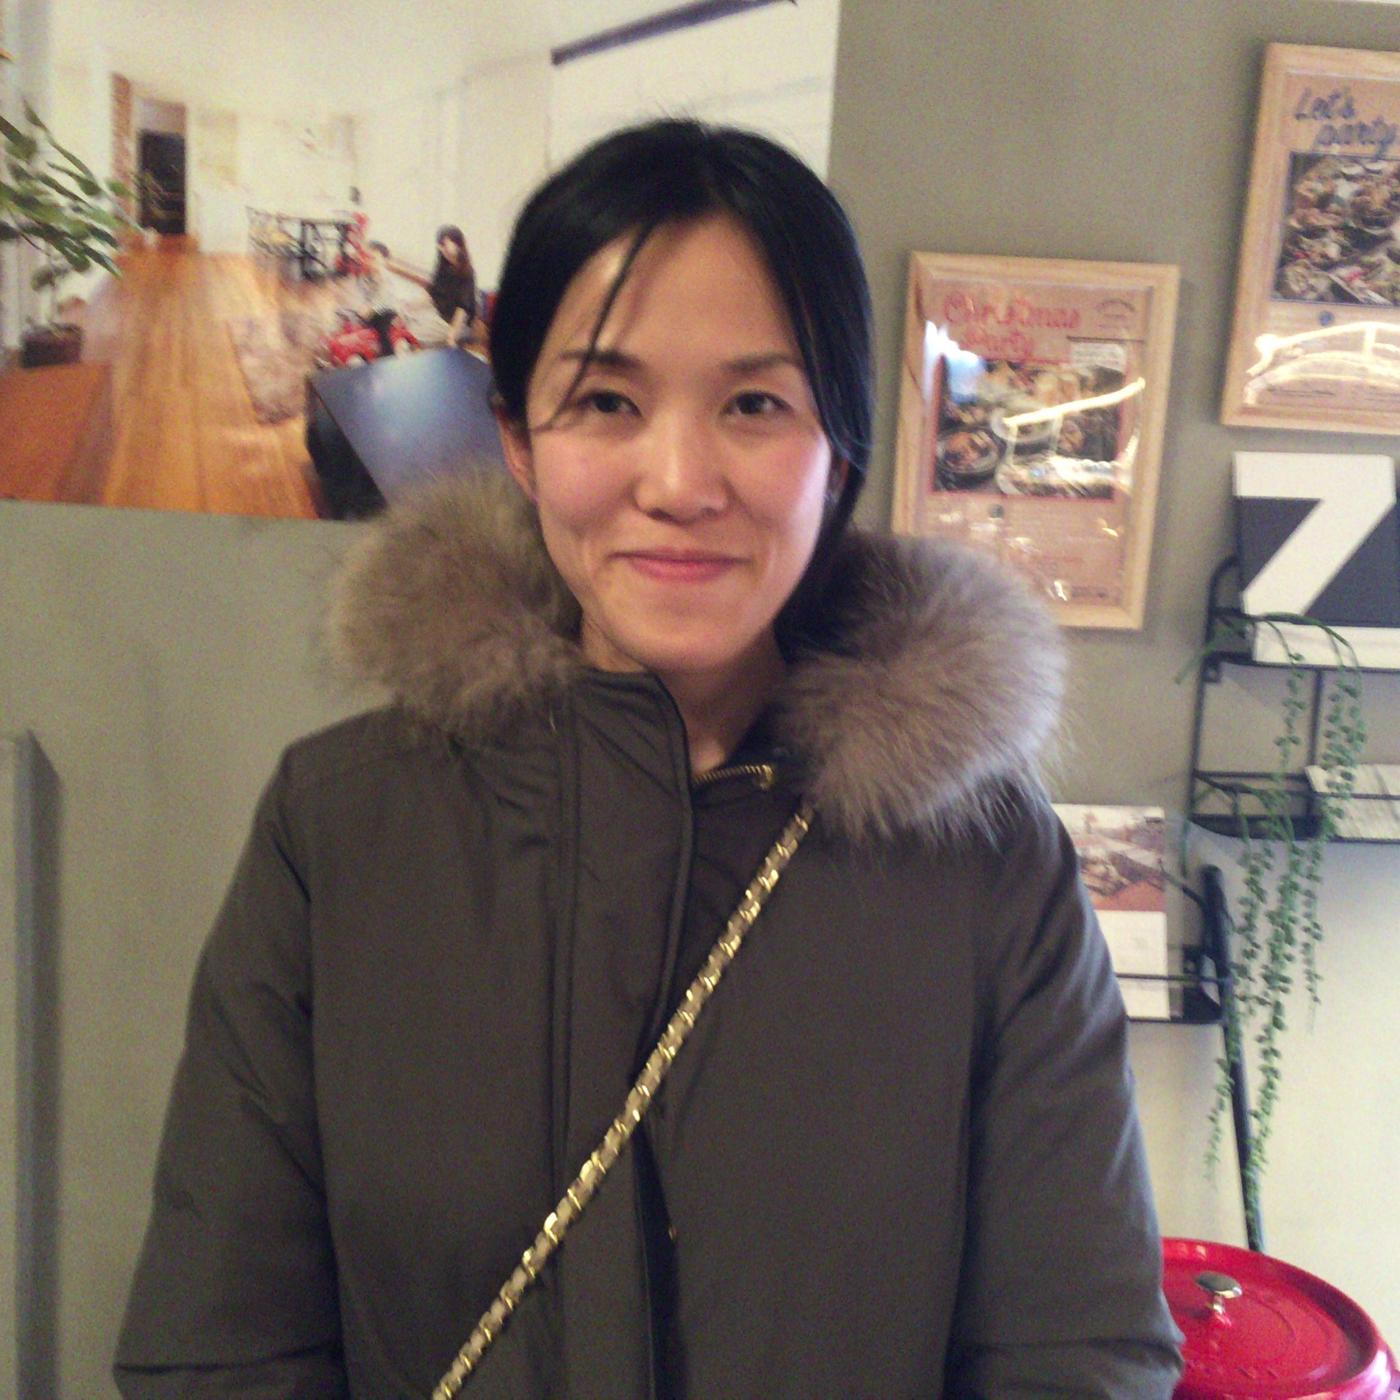 元新聞記者、現在フリーライターをしている村上枝利子さんに「書くこと」について聞いてみた。